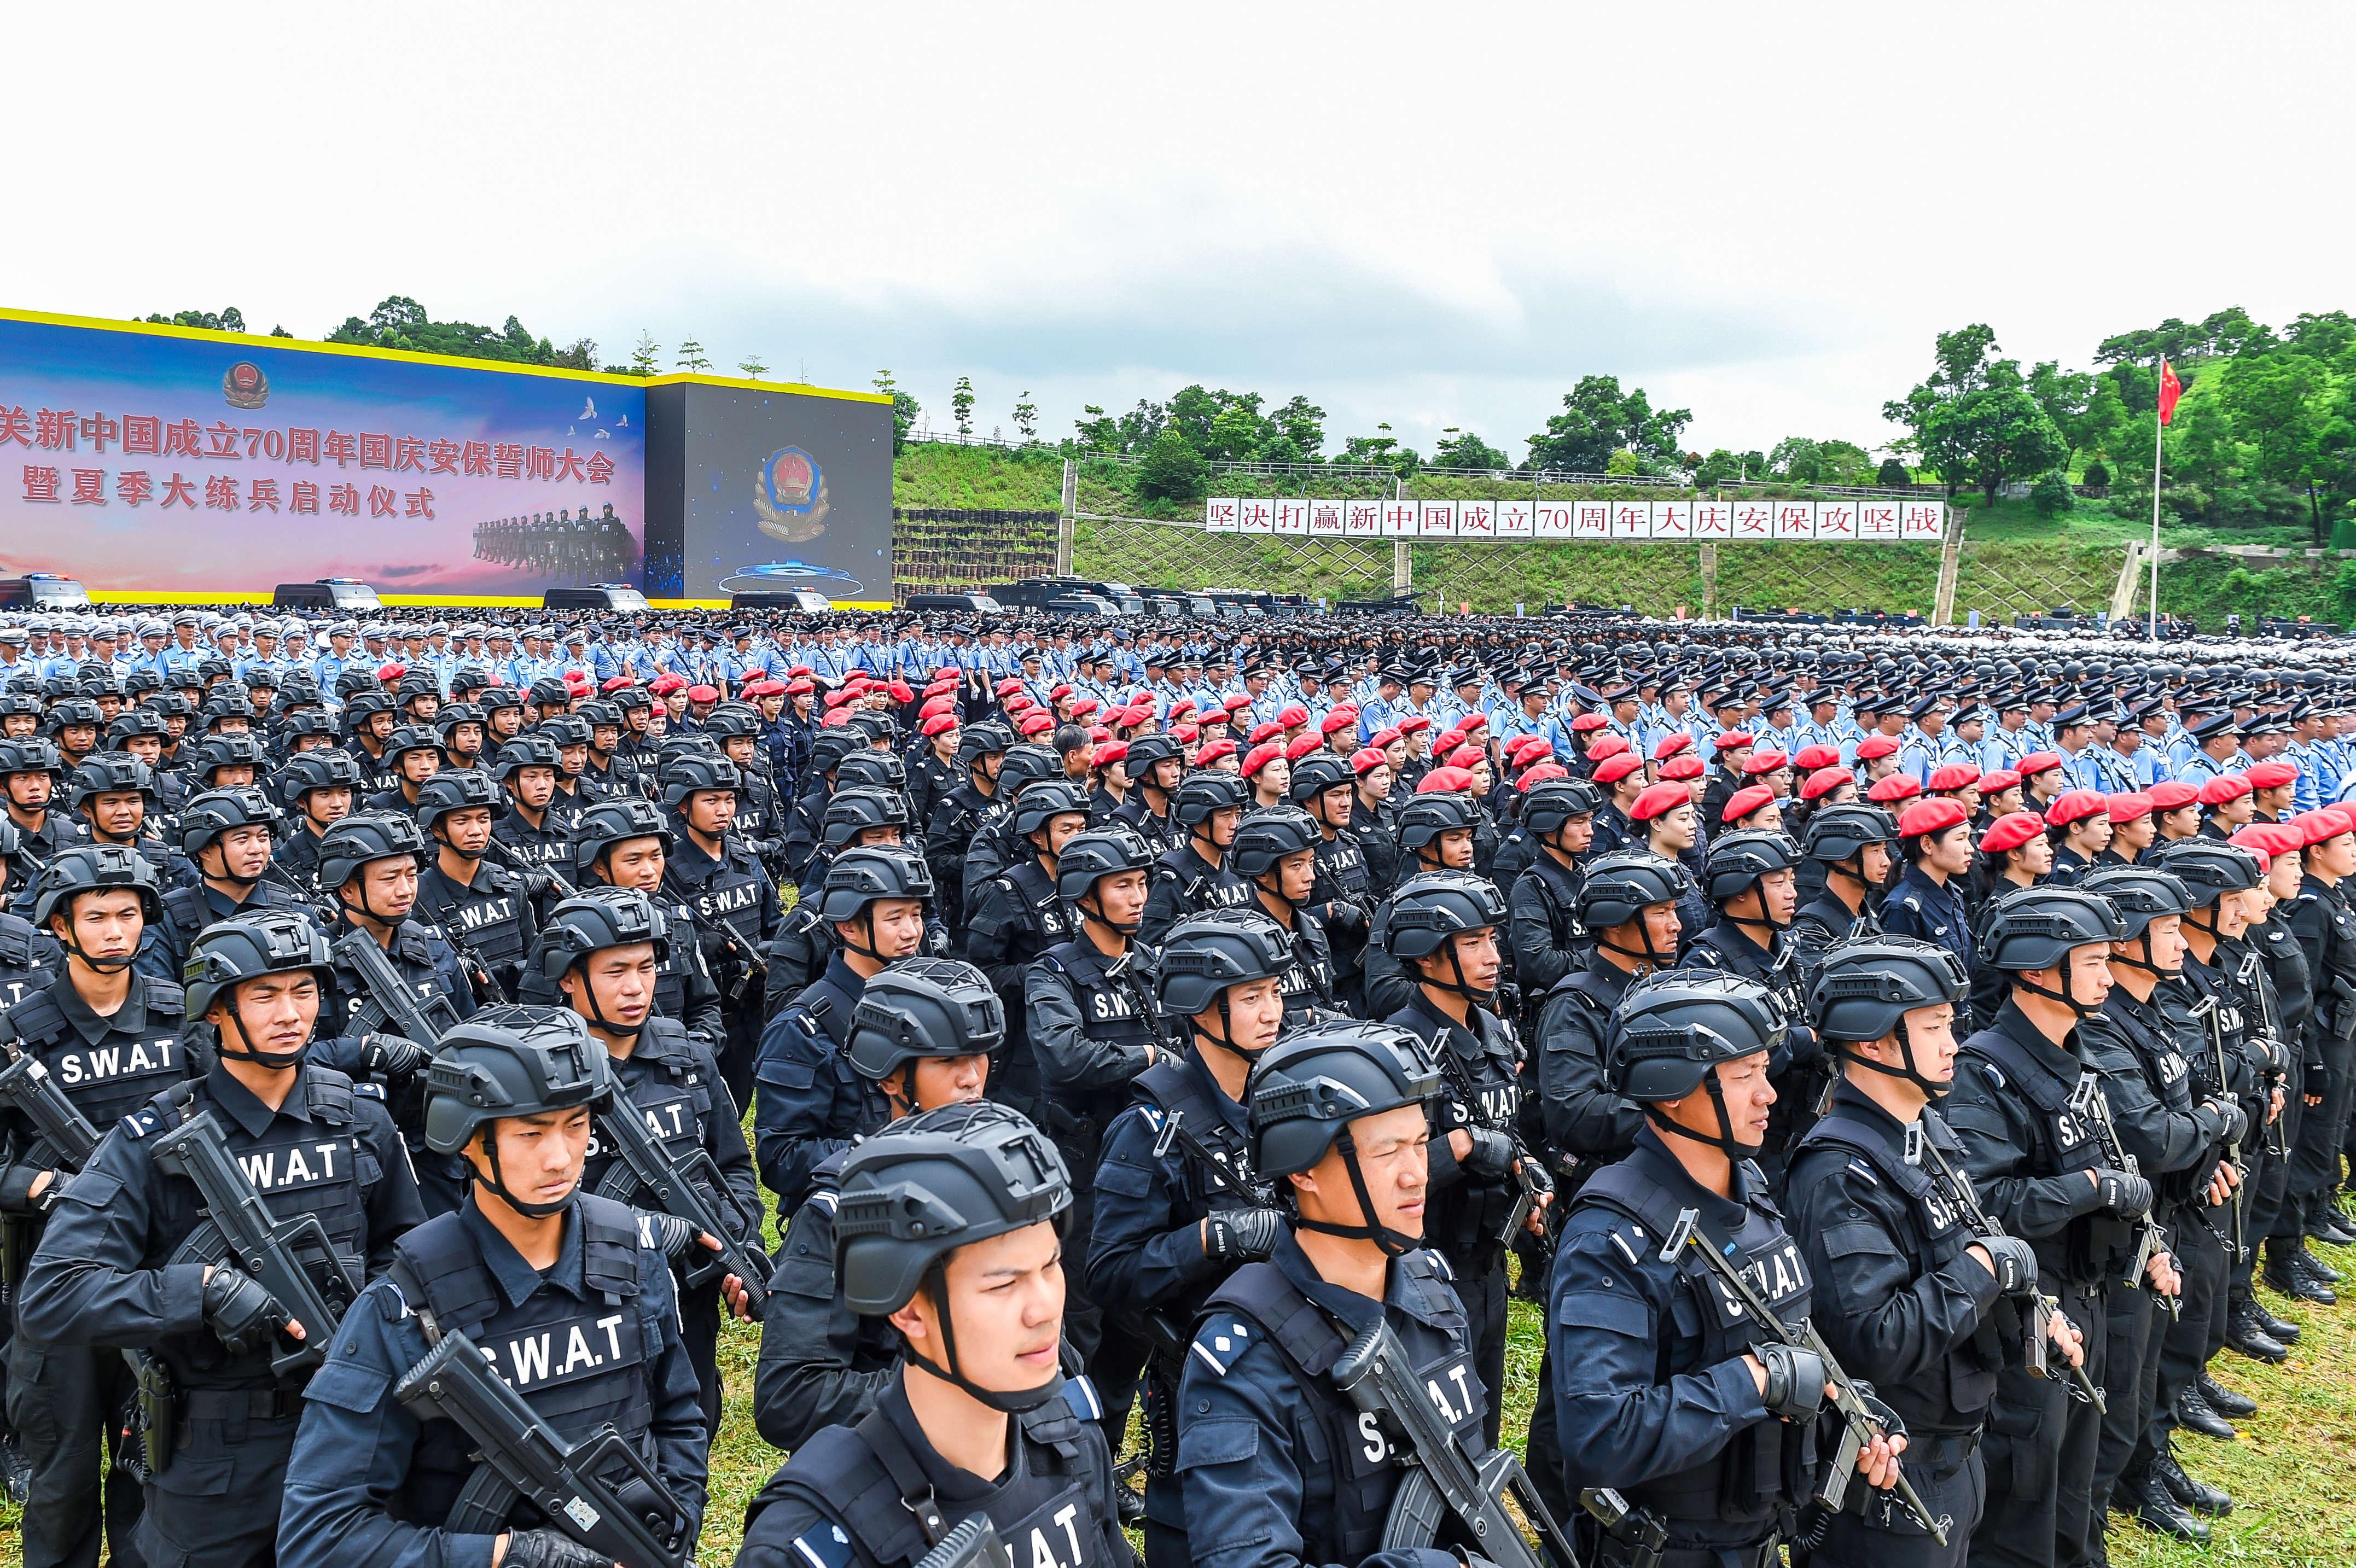 广东2019年群众安全感上升1.77%